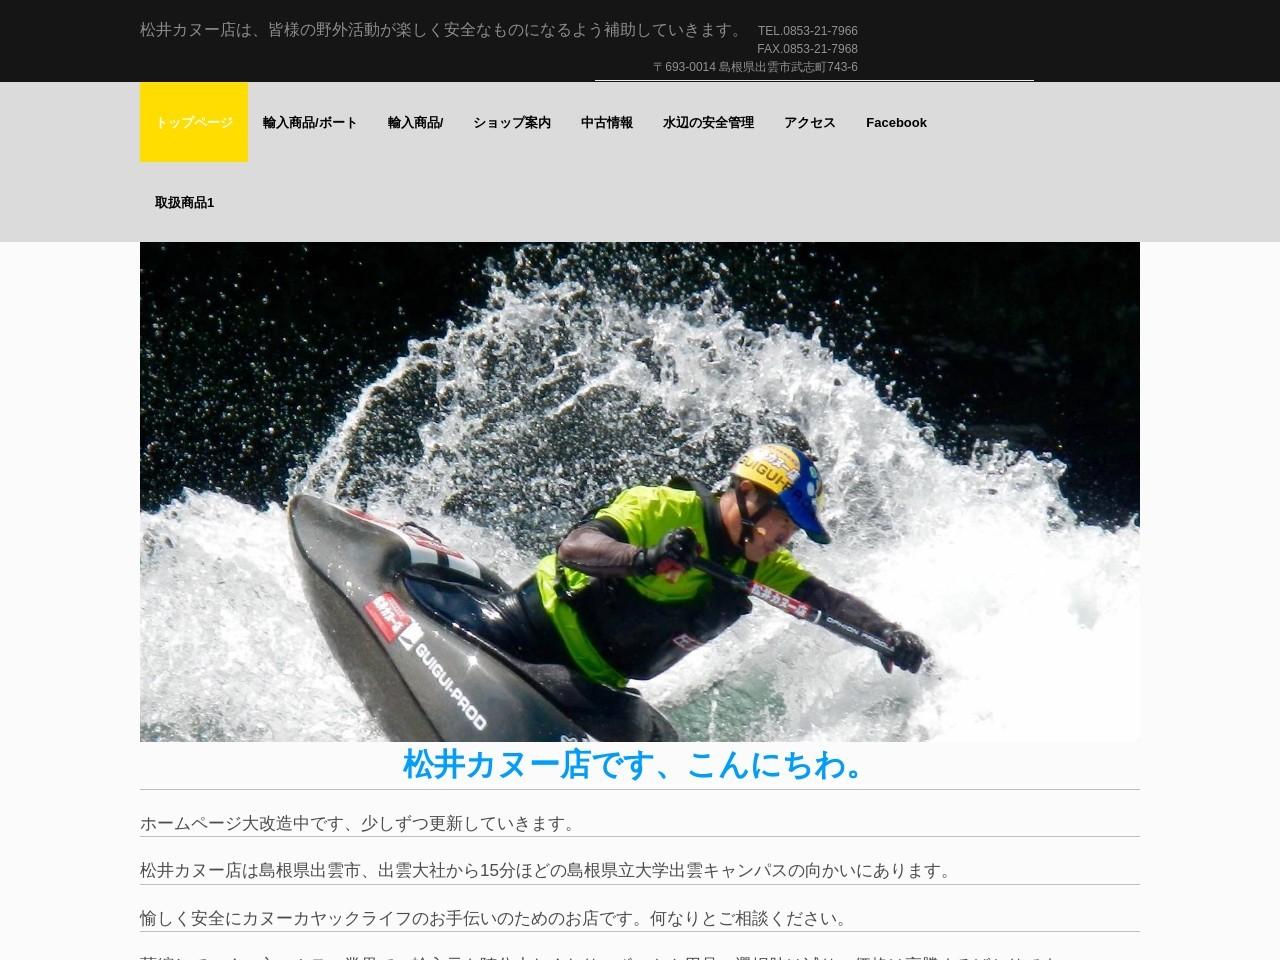 松井カヌー店